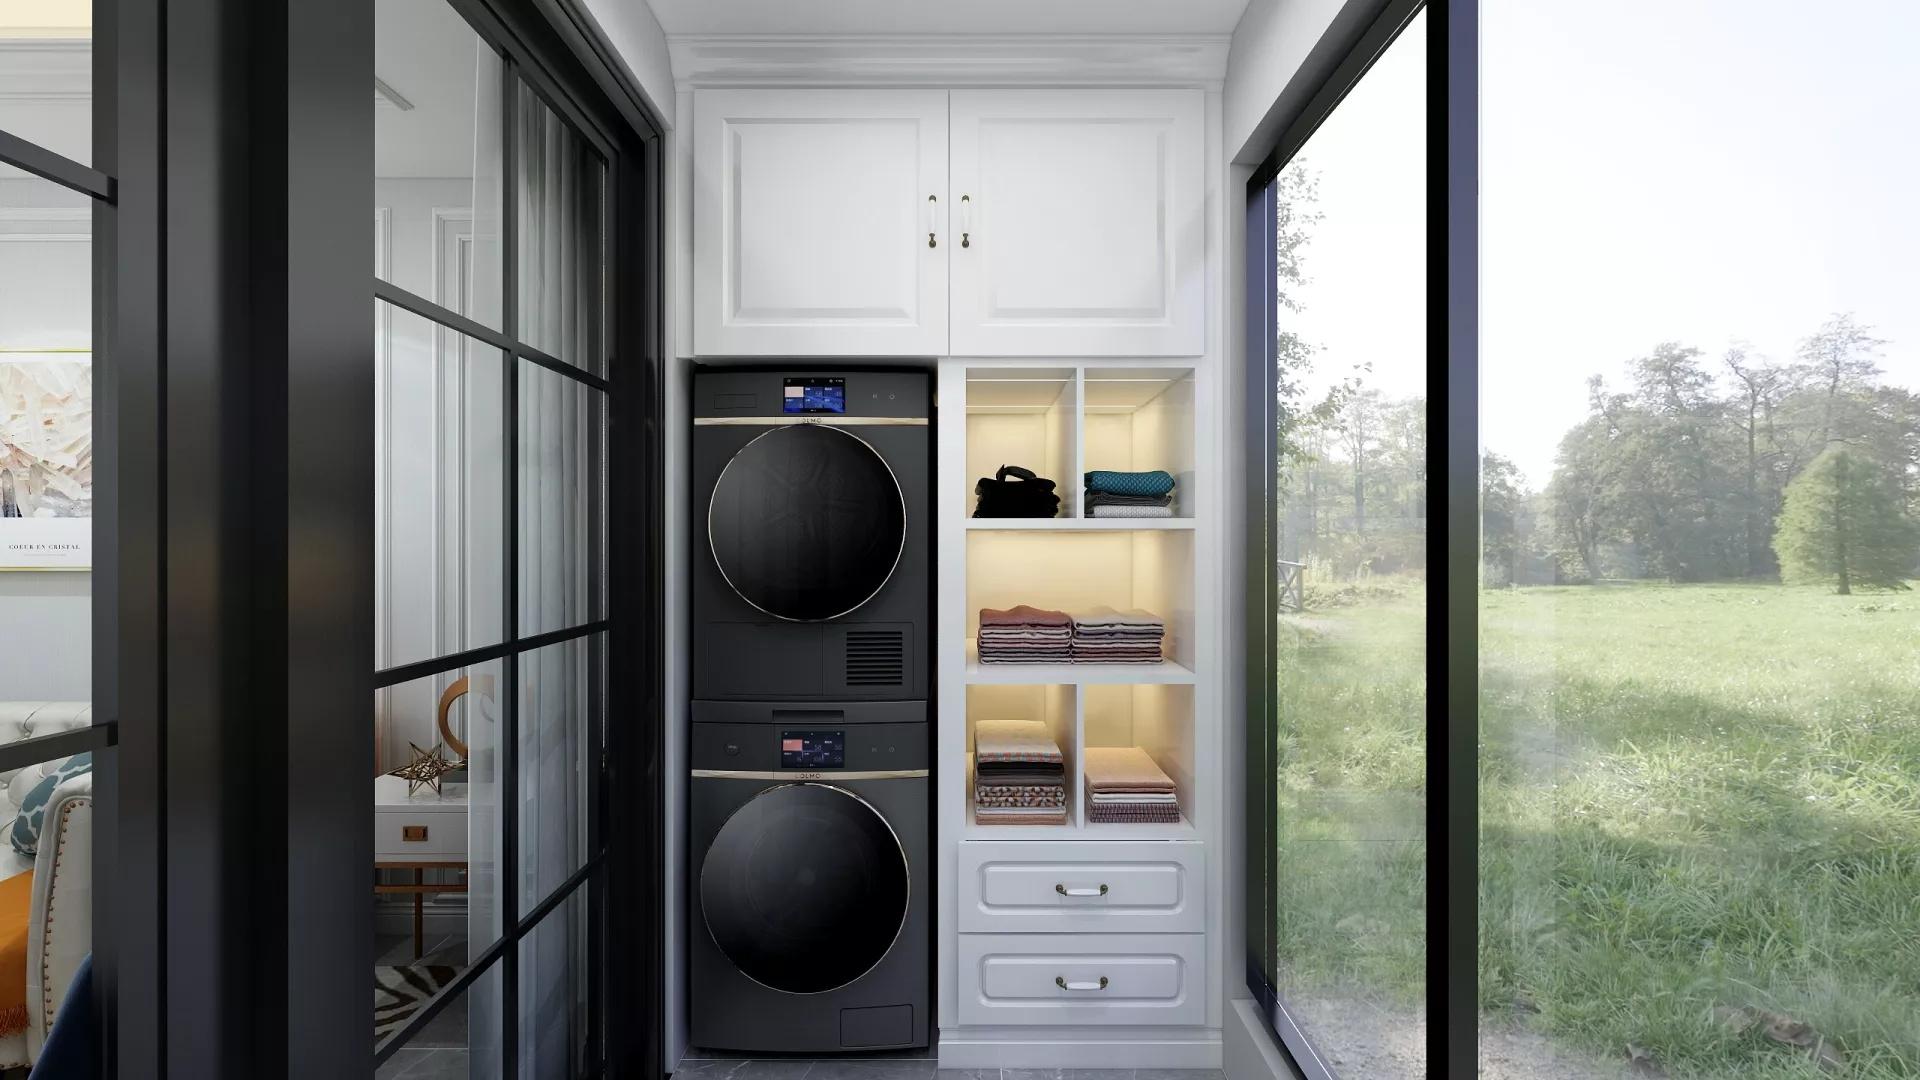 温馨现代简约小户型卧室客厅厨房装饰设计图